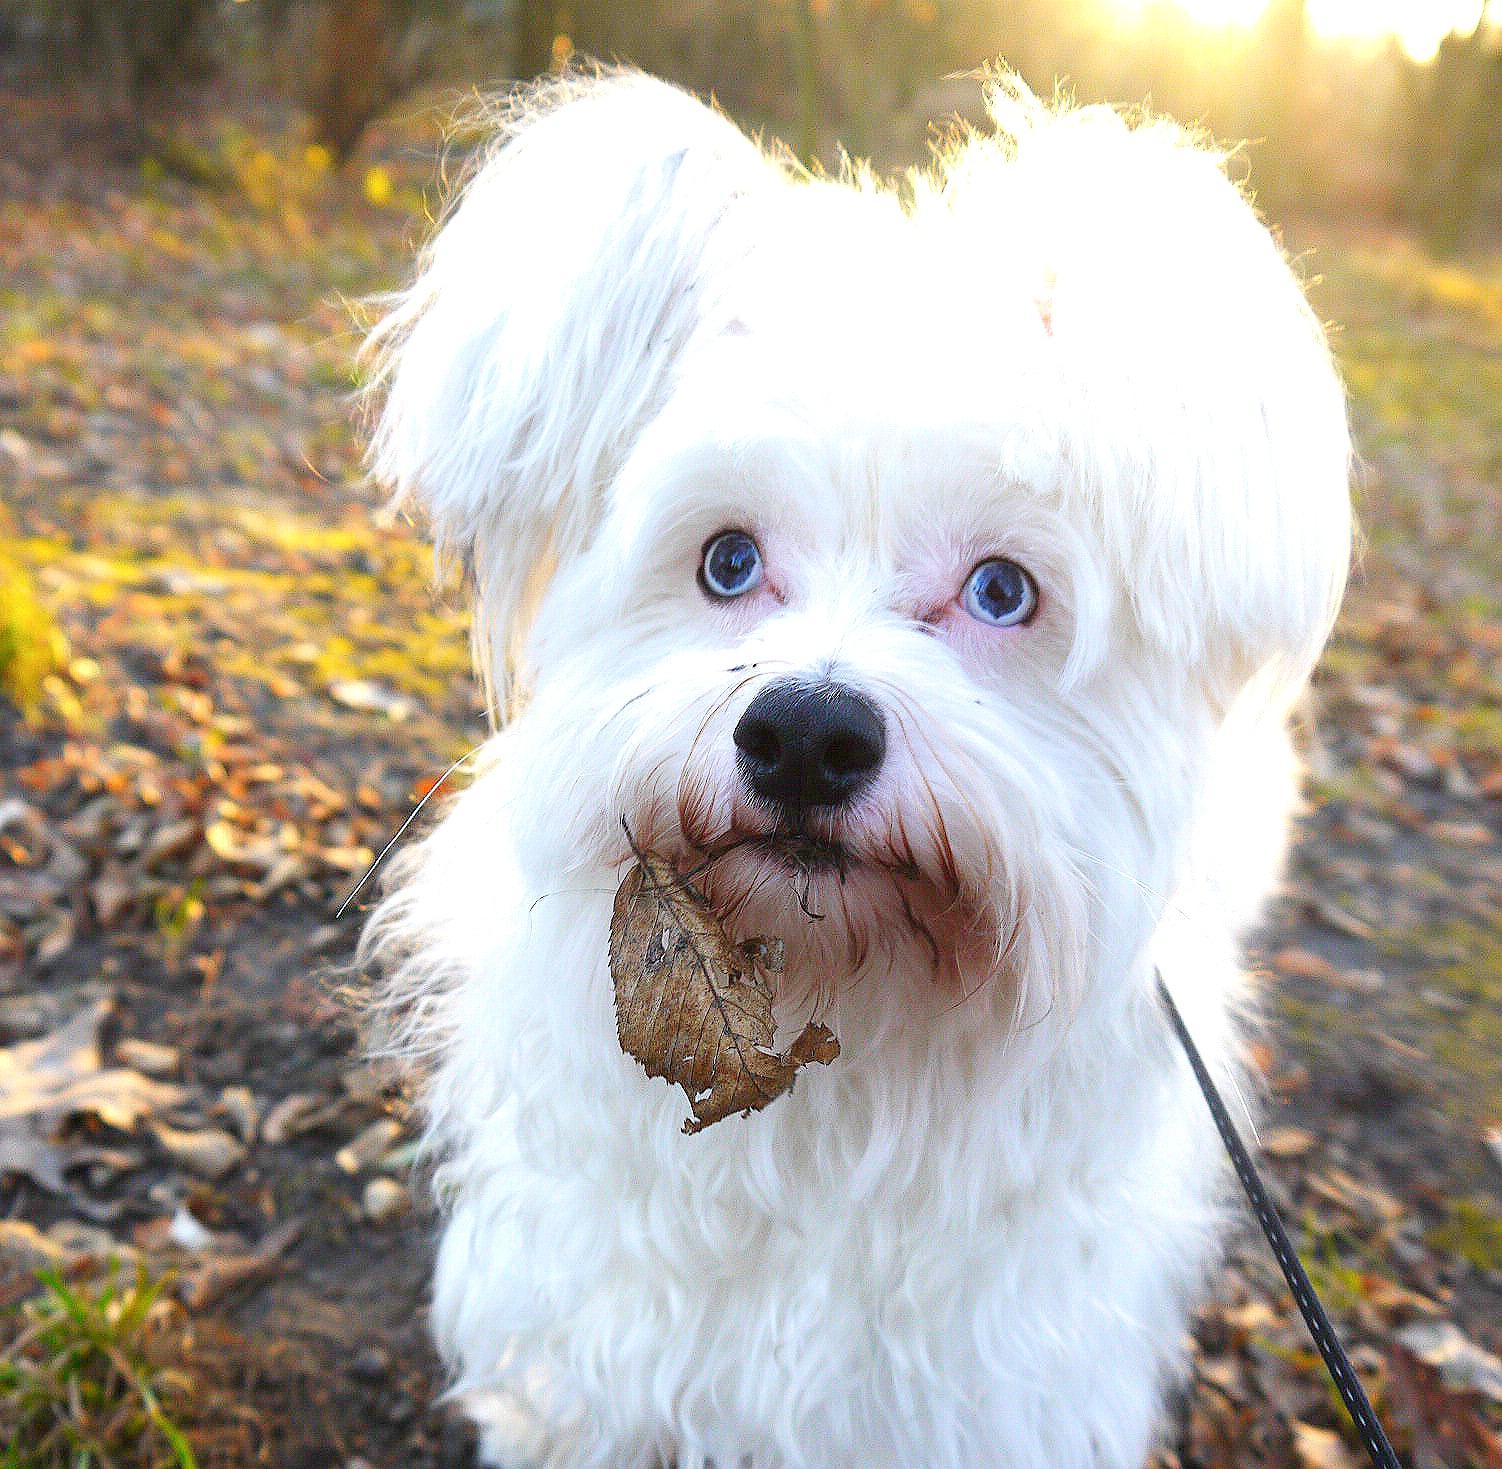 Checkliste Hundekauf – 5 allgemeine Bedingungen